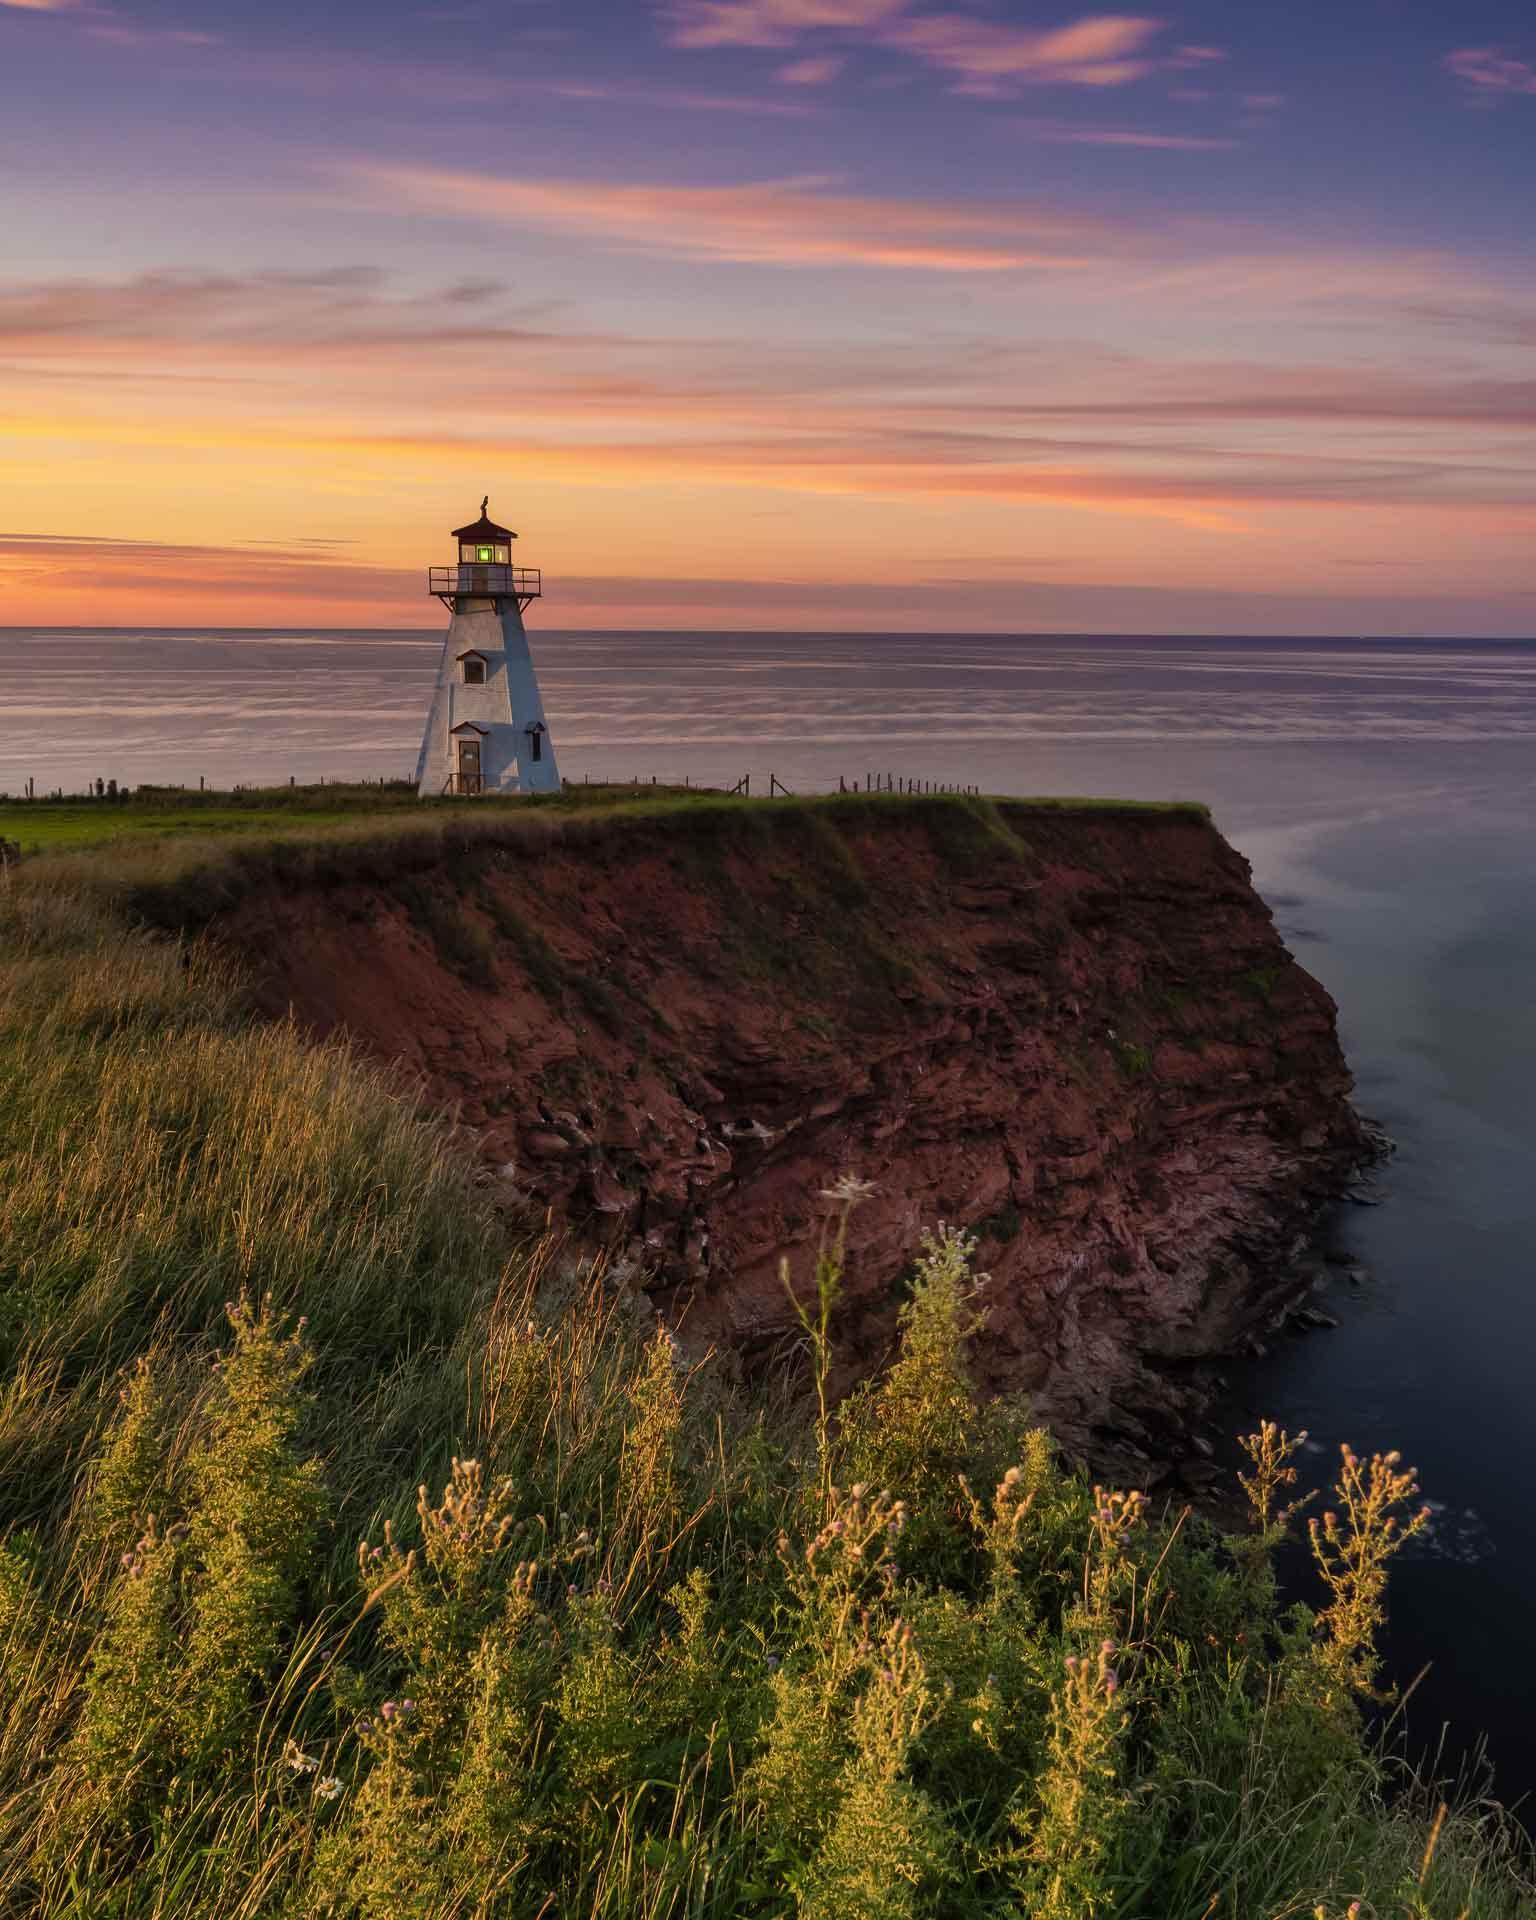 prince edward island lighthouse at sunset